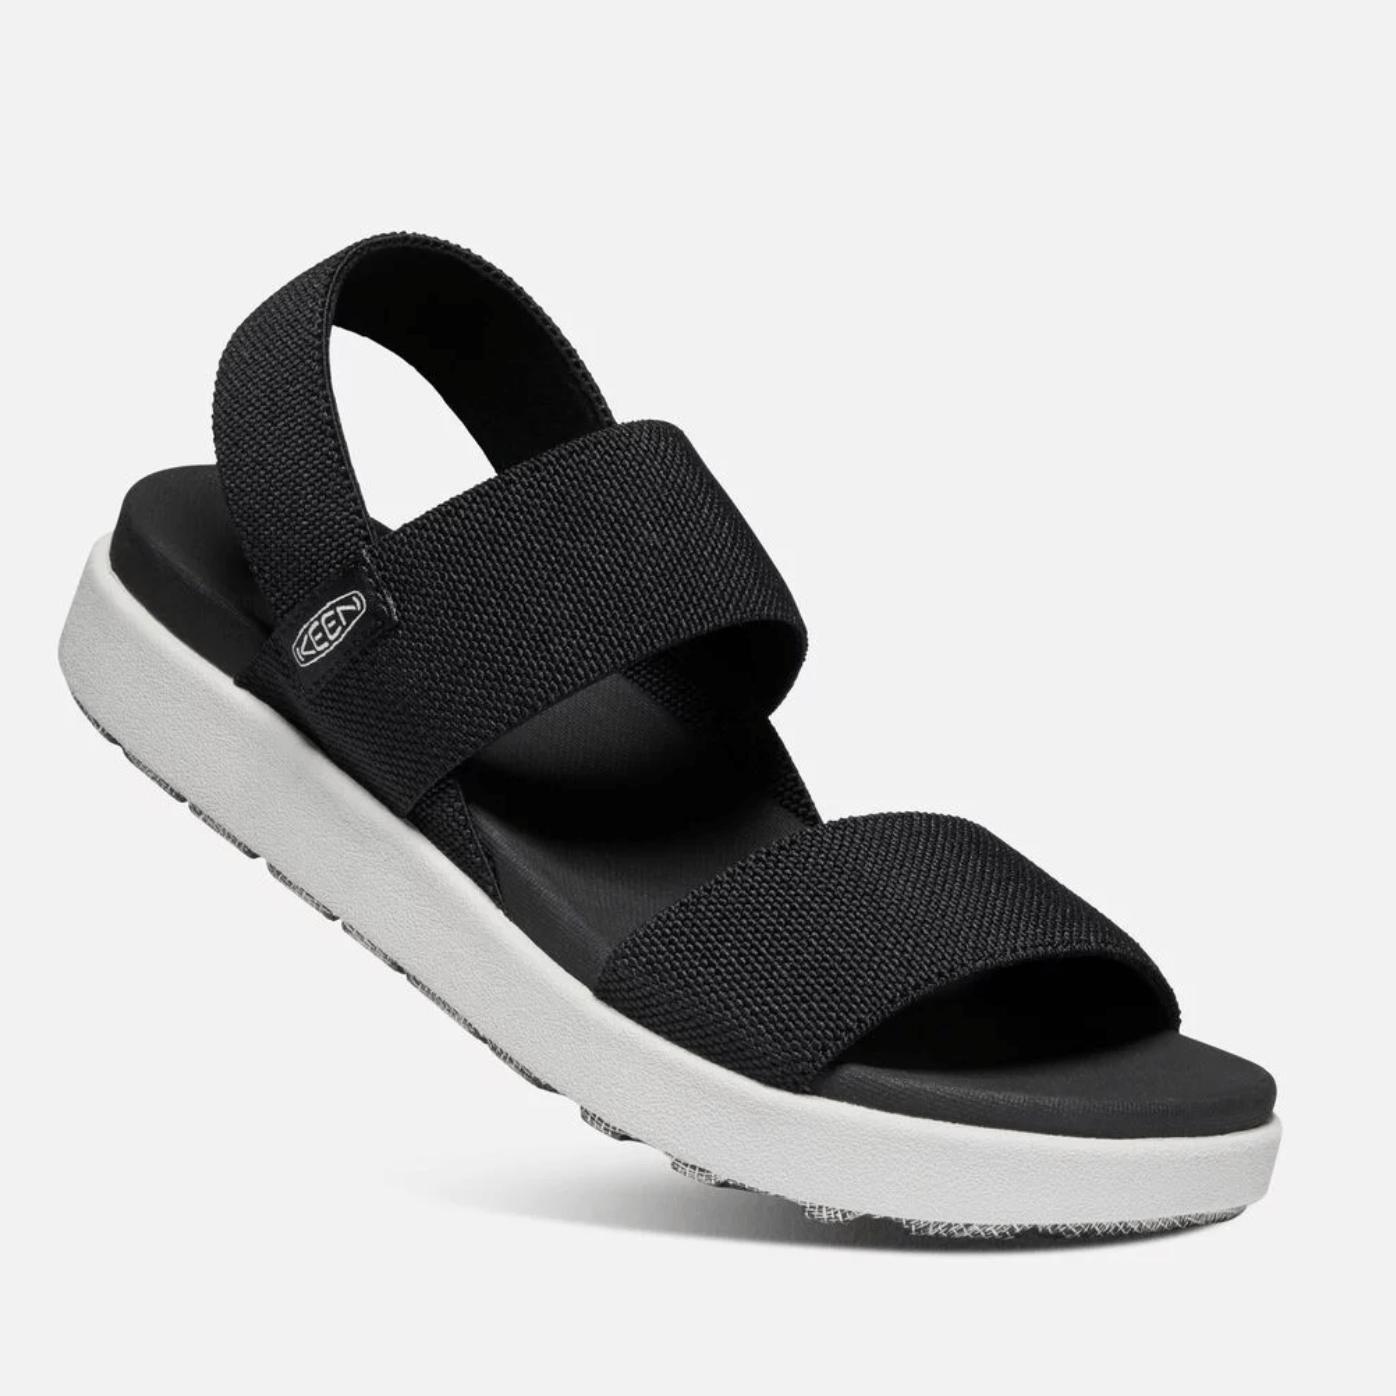 Keen River Sandals